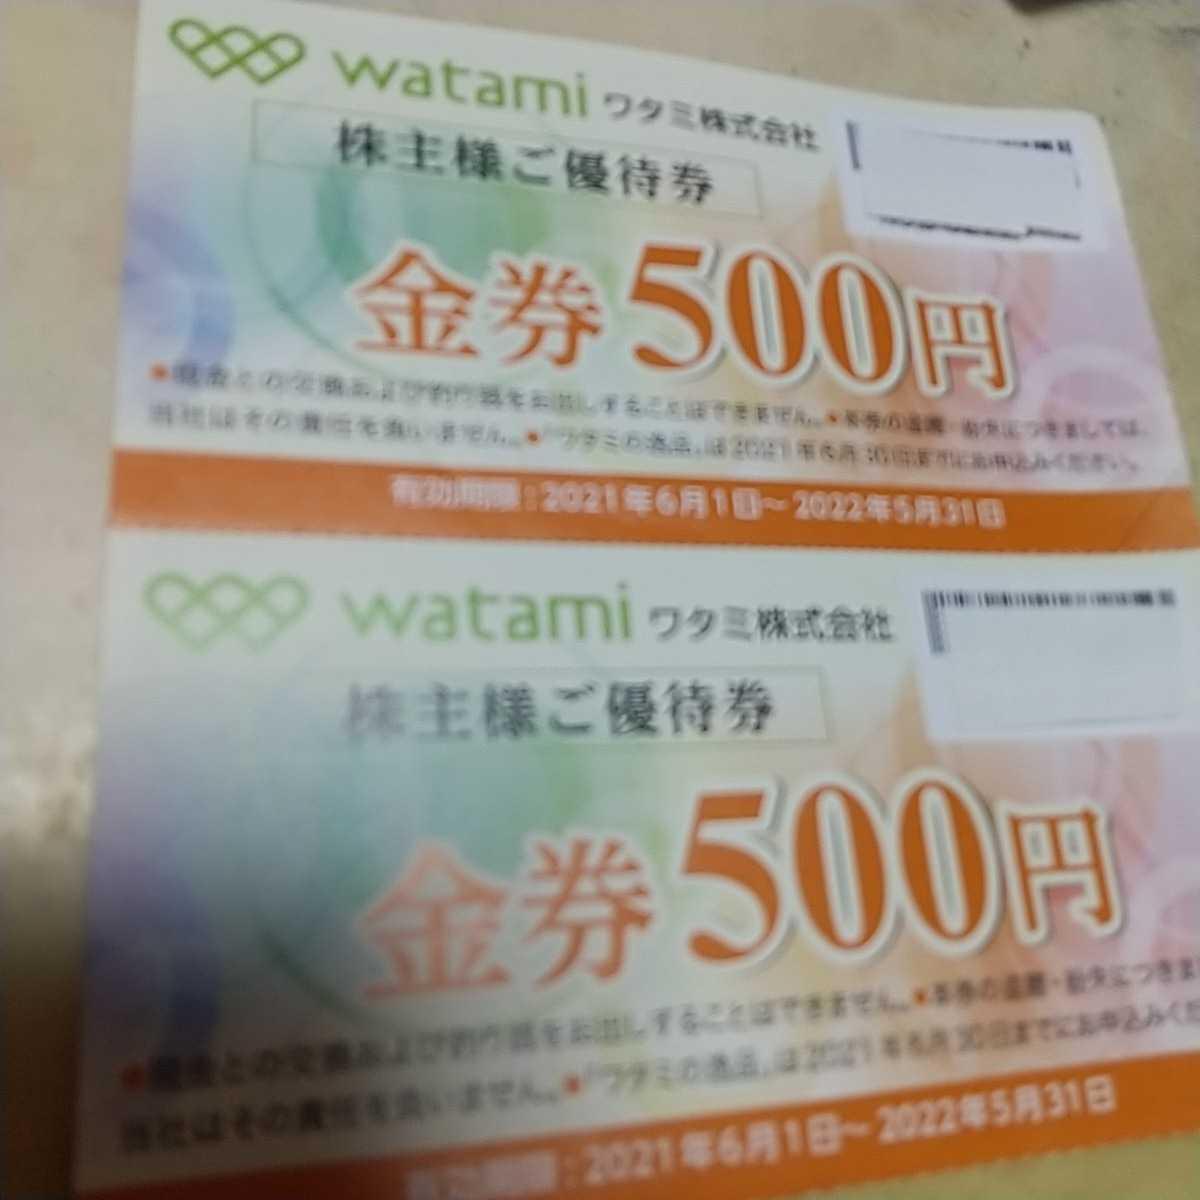 ワタミ 金券 500円 2枚 株主優待 有効期限 2022年5月31日_画像1